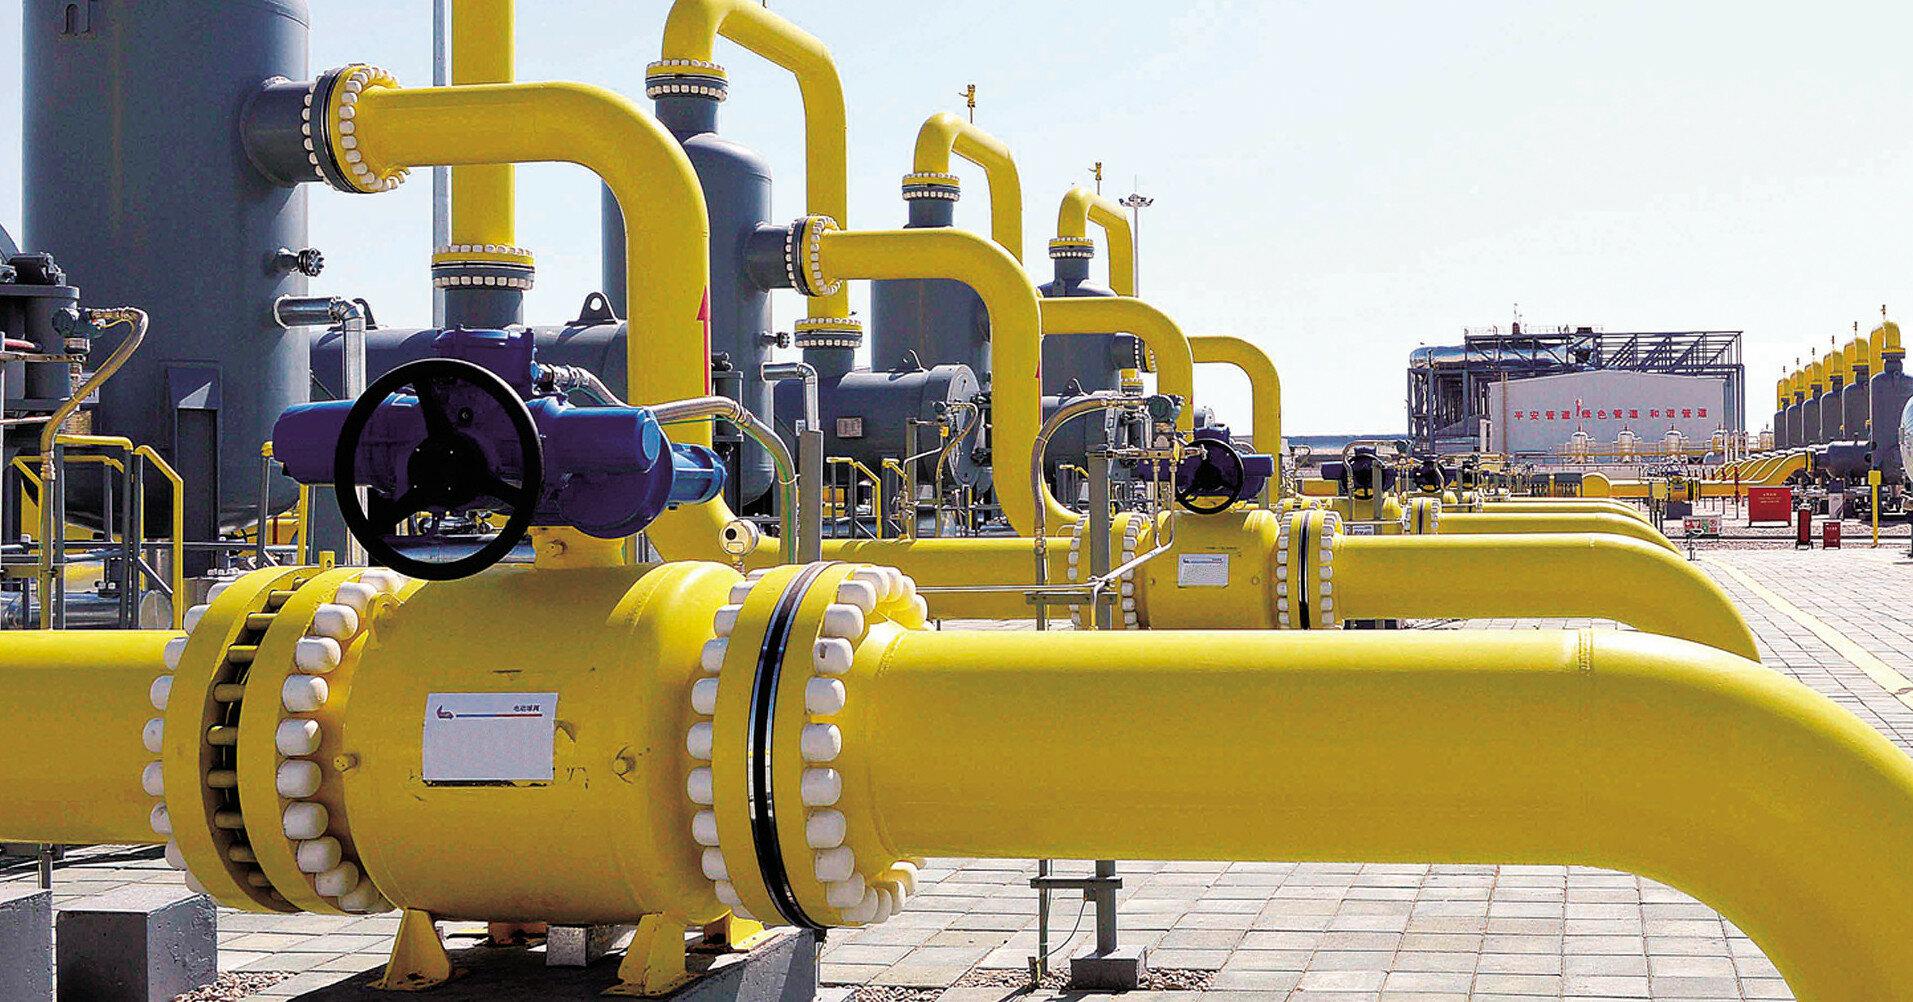 Эксплуатация украинской трубы обходится в $1 миллиард в год